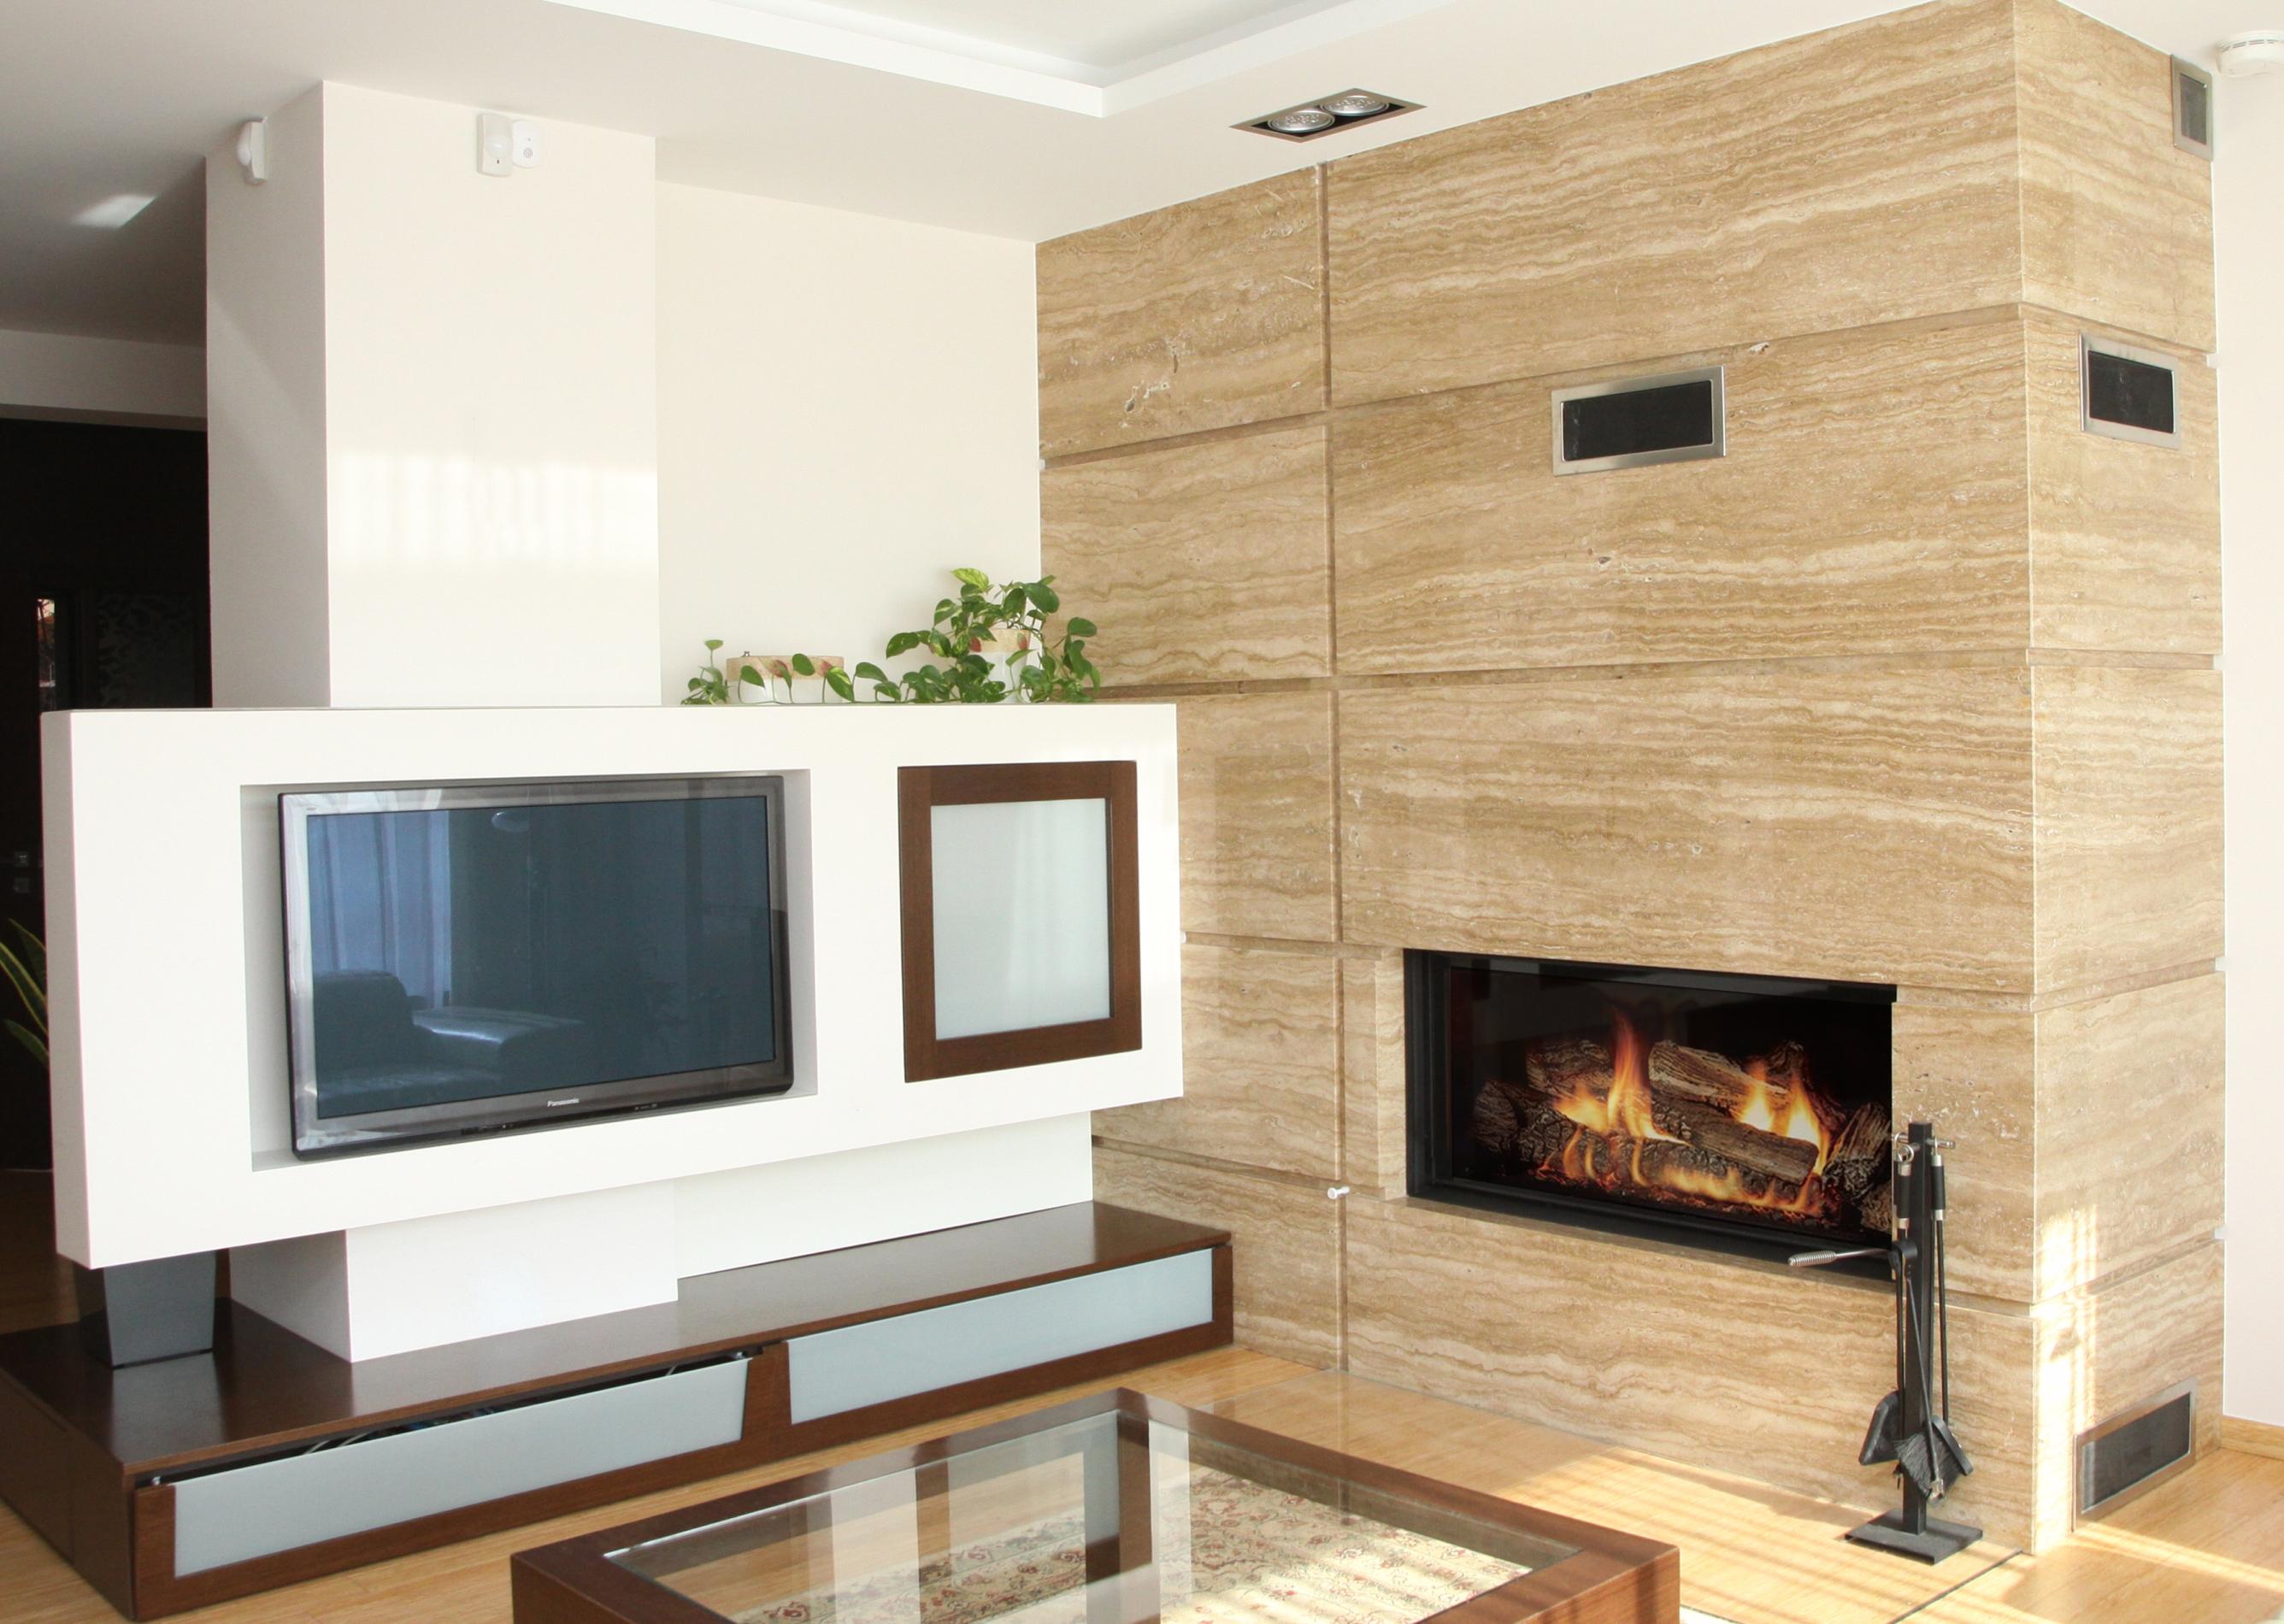 moderner kamin a 44 mit spartherm mit montage. Black Bedroom Furniture Sets. Home Design Ideas